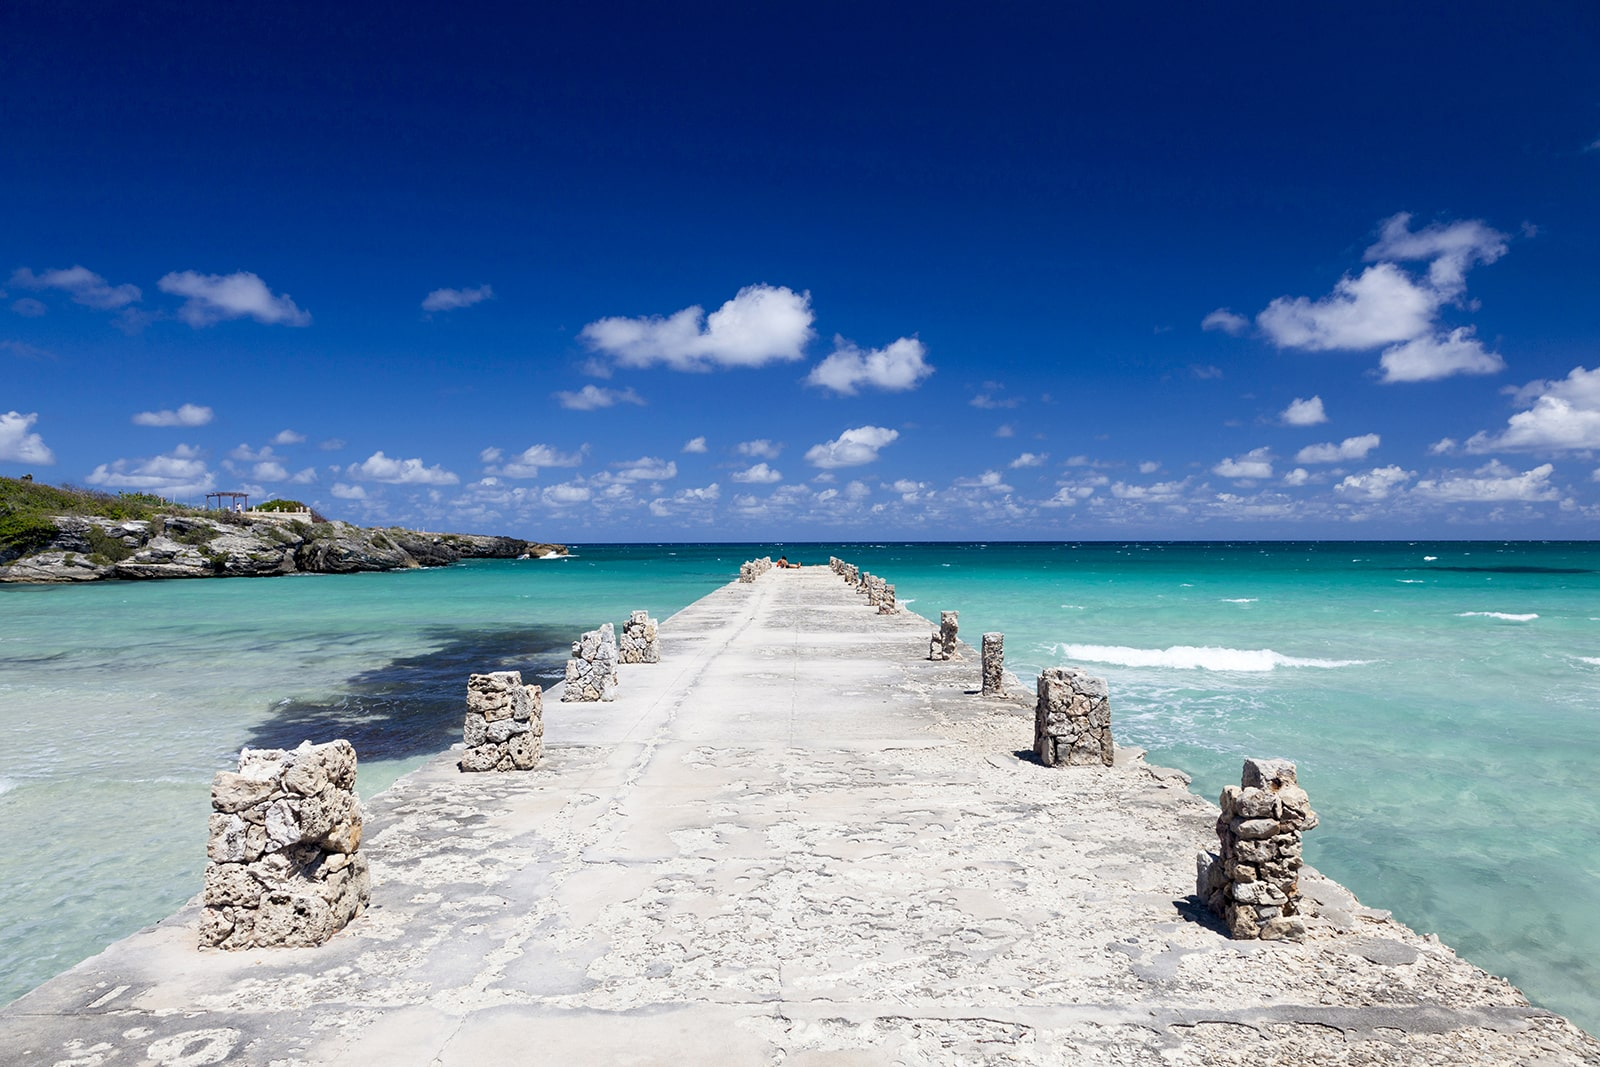 3.Havana Beach